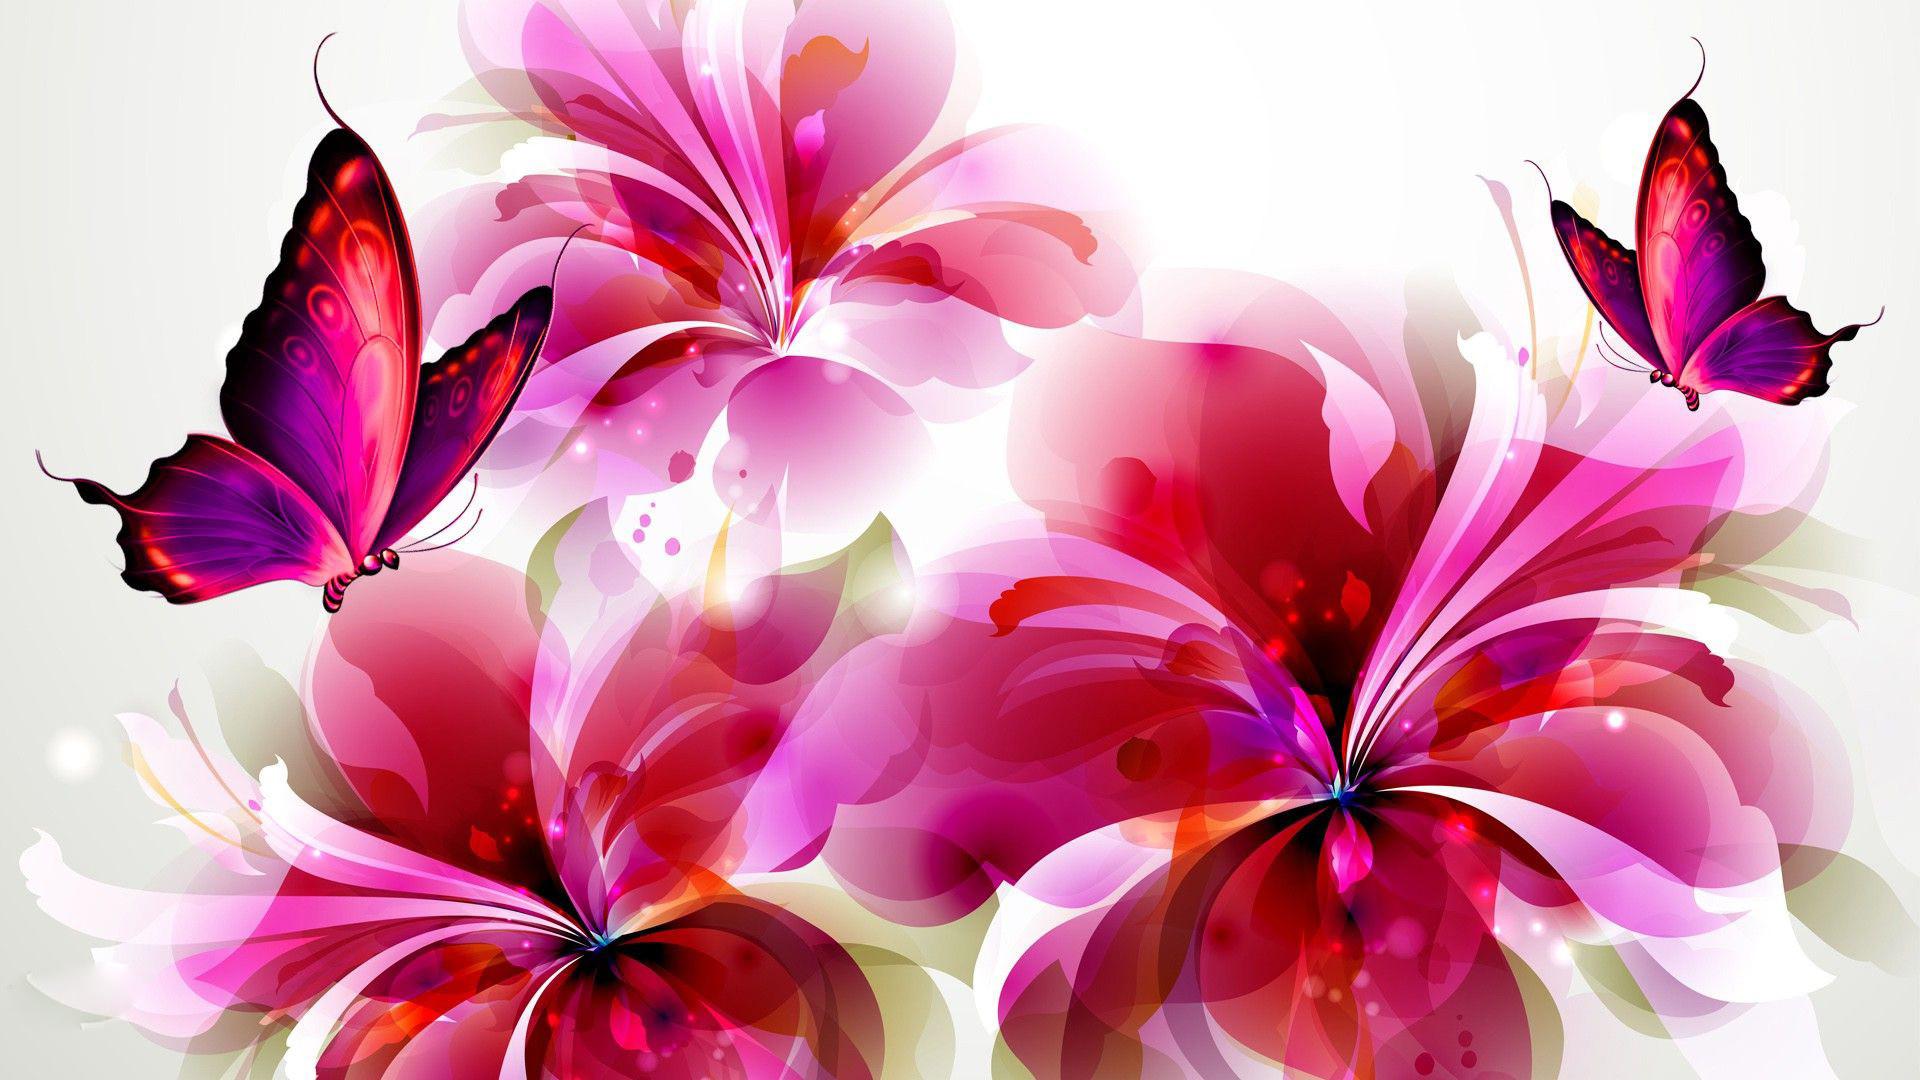 Wallpaper Flowers and Butterflies | Beautiful Flowers and Butterflies  Wallpapers Free Download | ANIMATED BKDS. | Pinterest | Beautiful flowers,  Wallpaper …